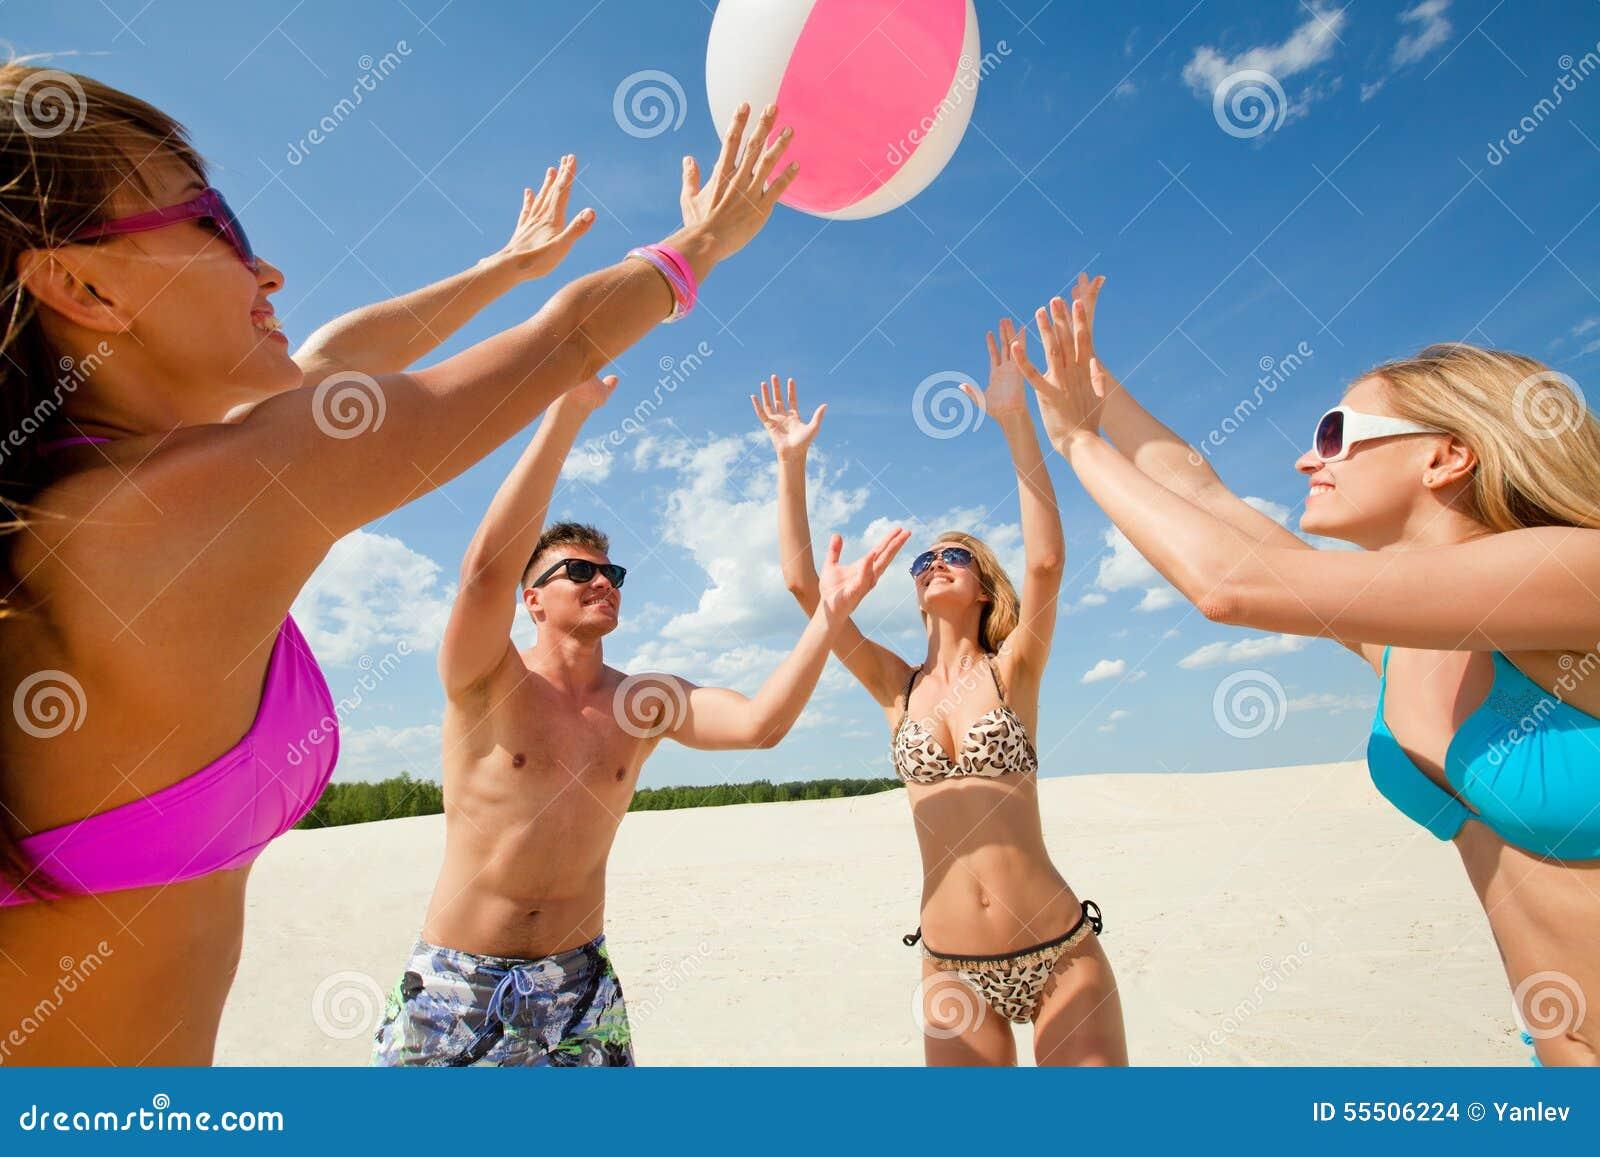 Isolerad volleybollwhite för bakgrund strand